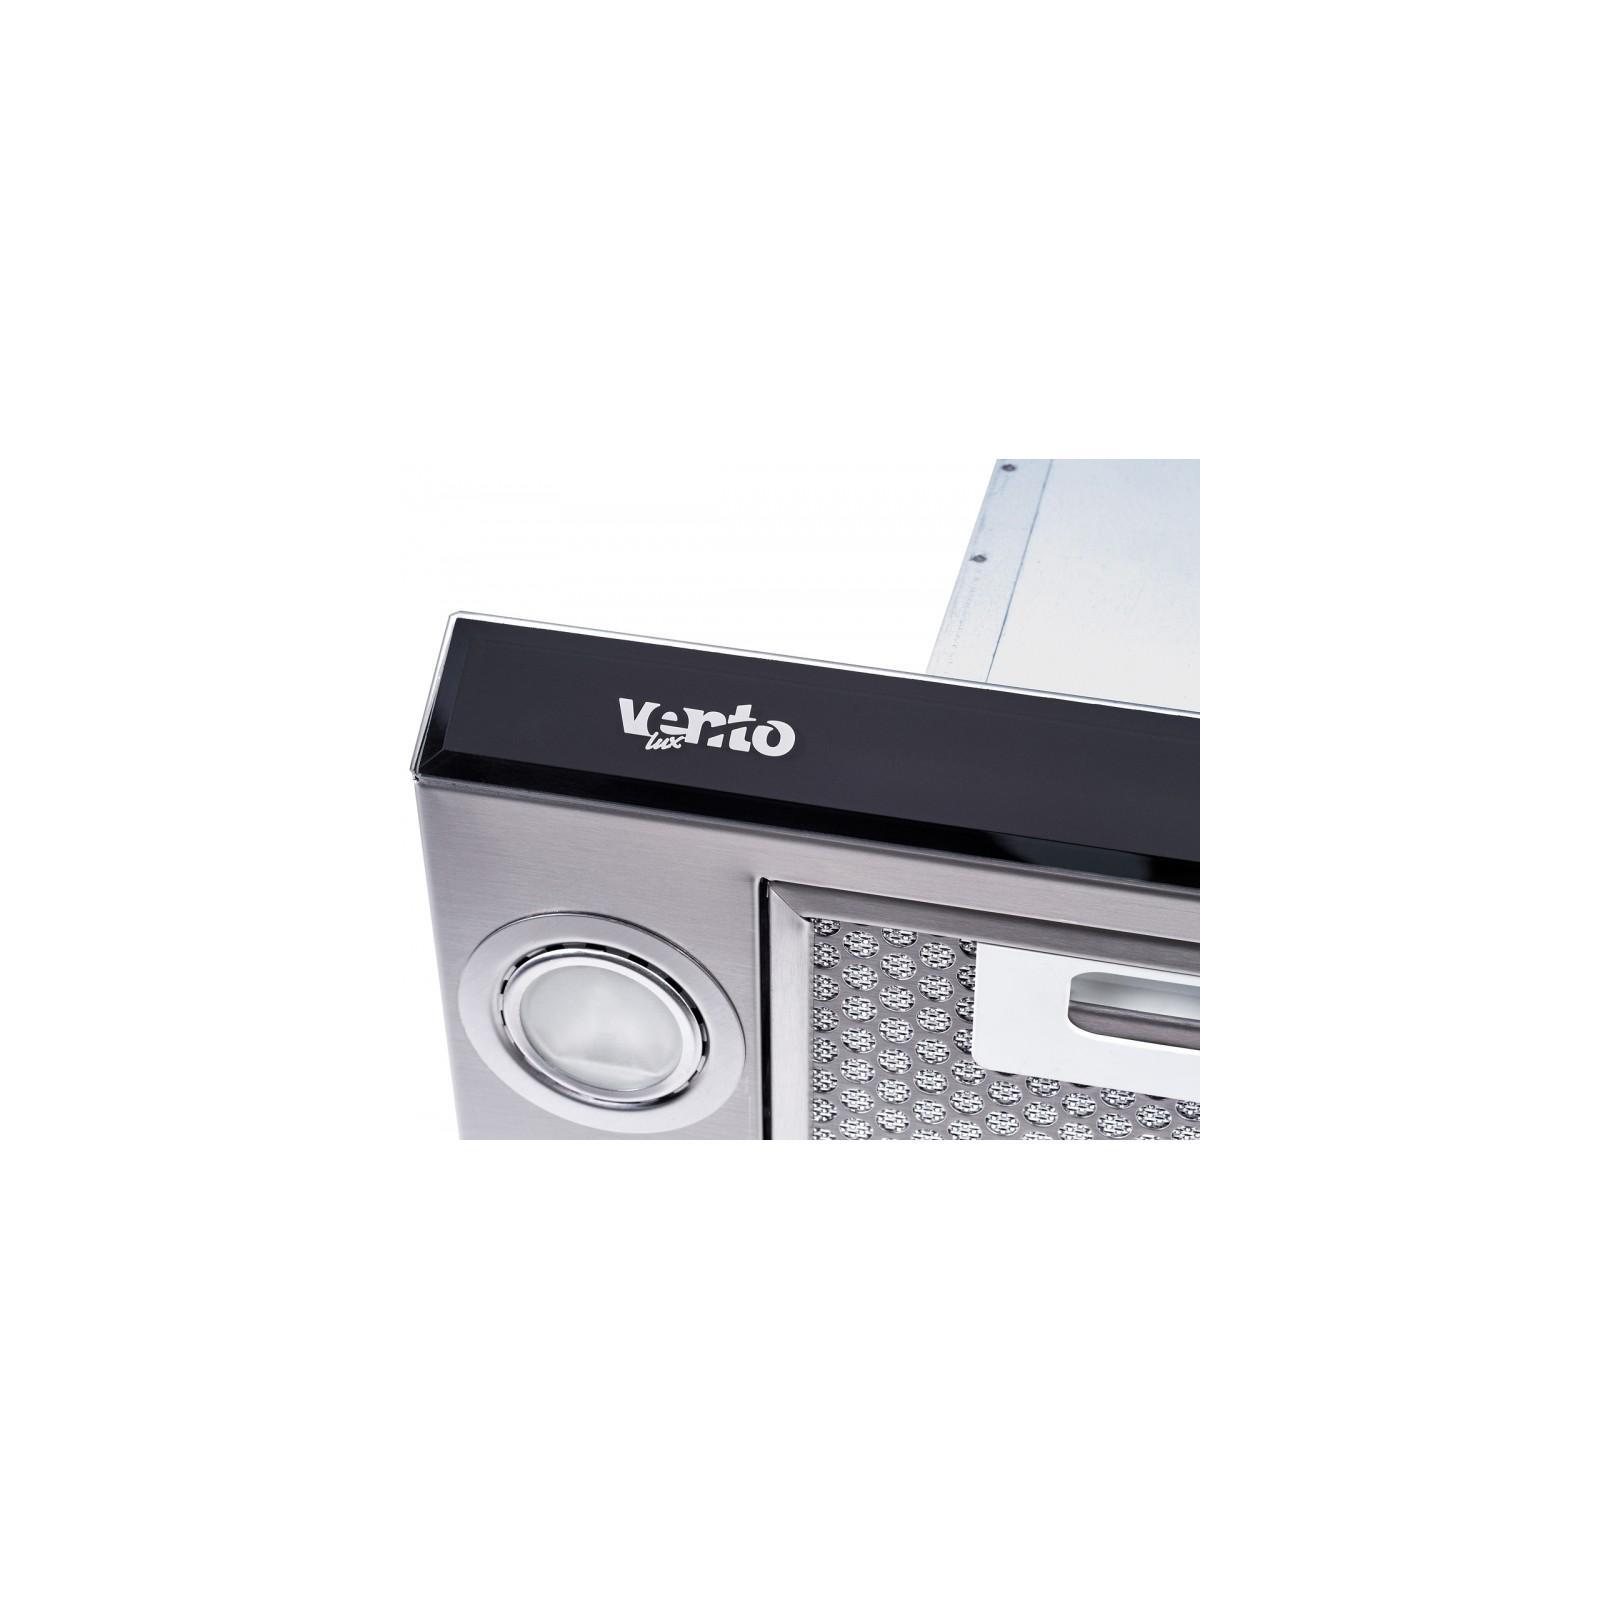 Вытяжка кухонная VENTOLUX PUNTO 60 BG (1200) TRC изображение 5